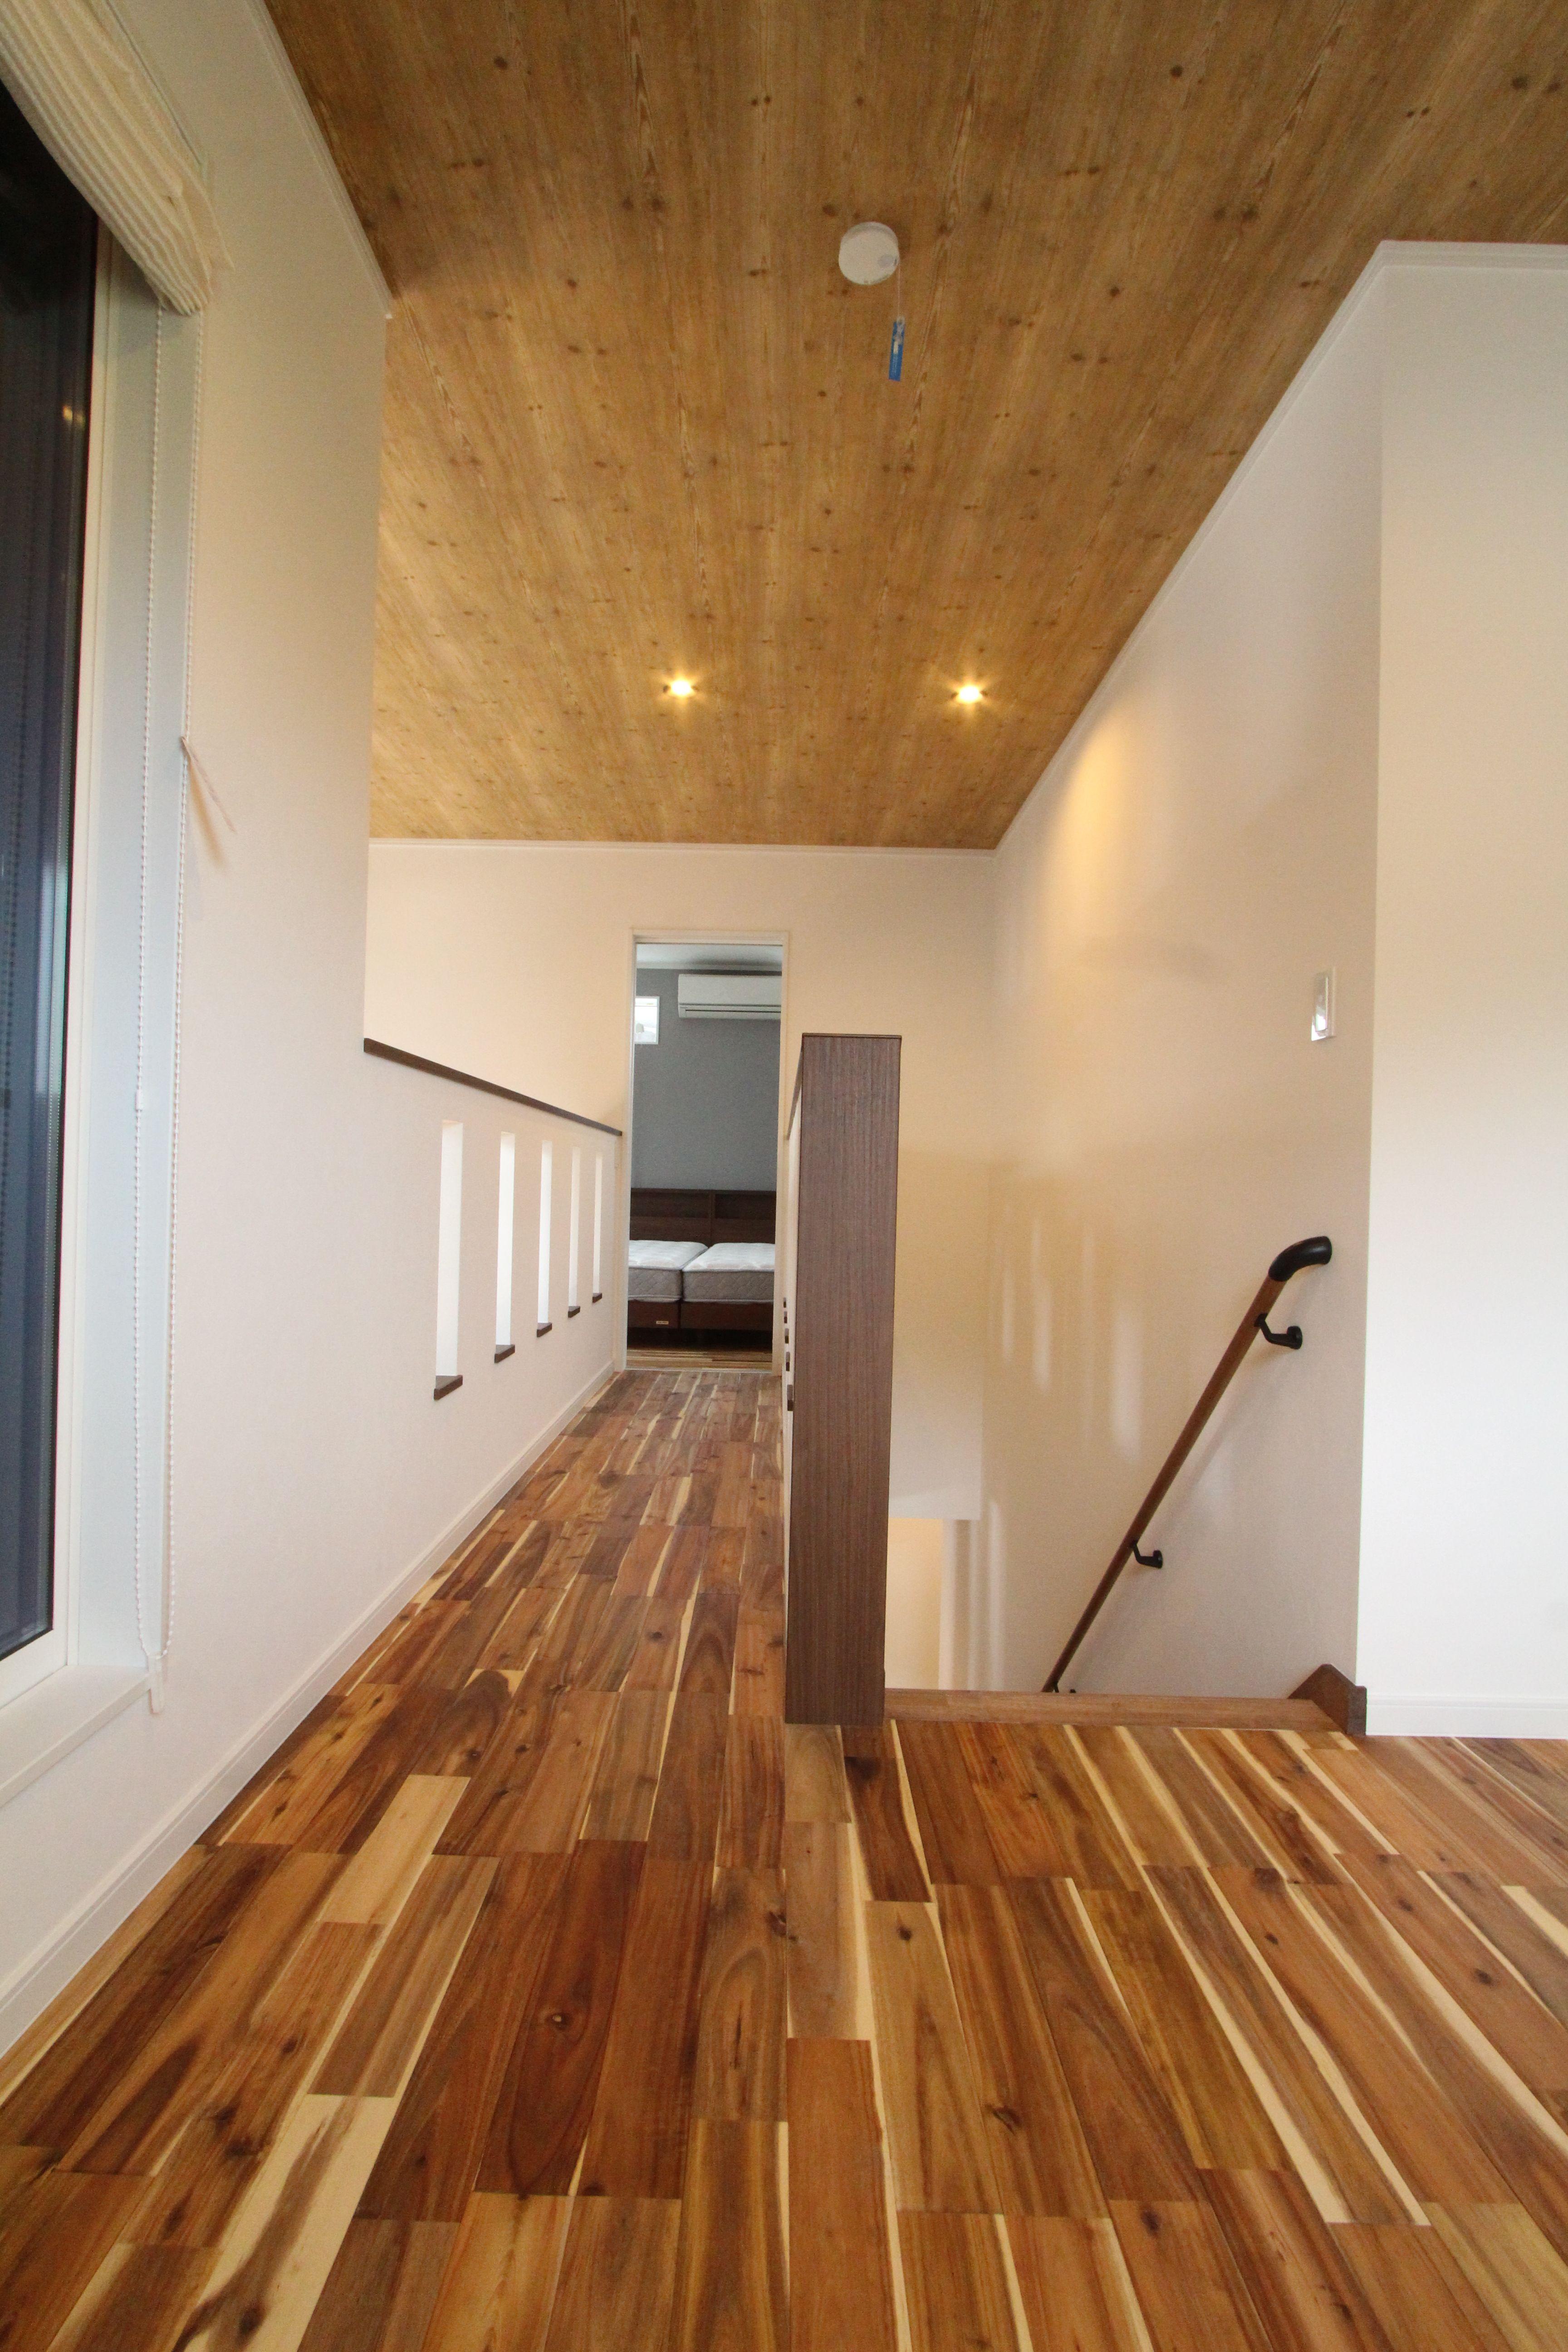 2階ブリッジ 木目天井 アカシア無垢材 アカシアフローリング